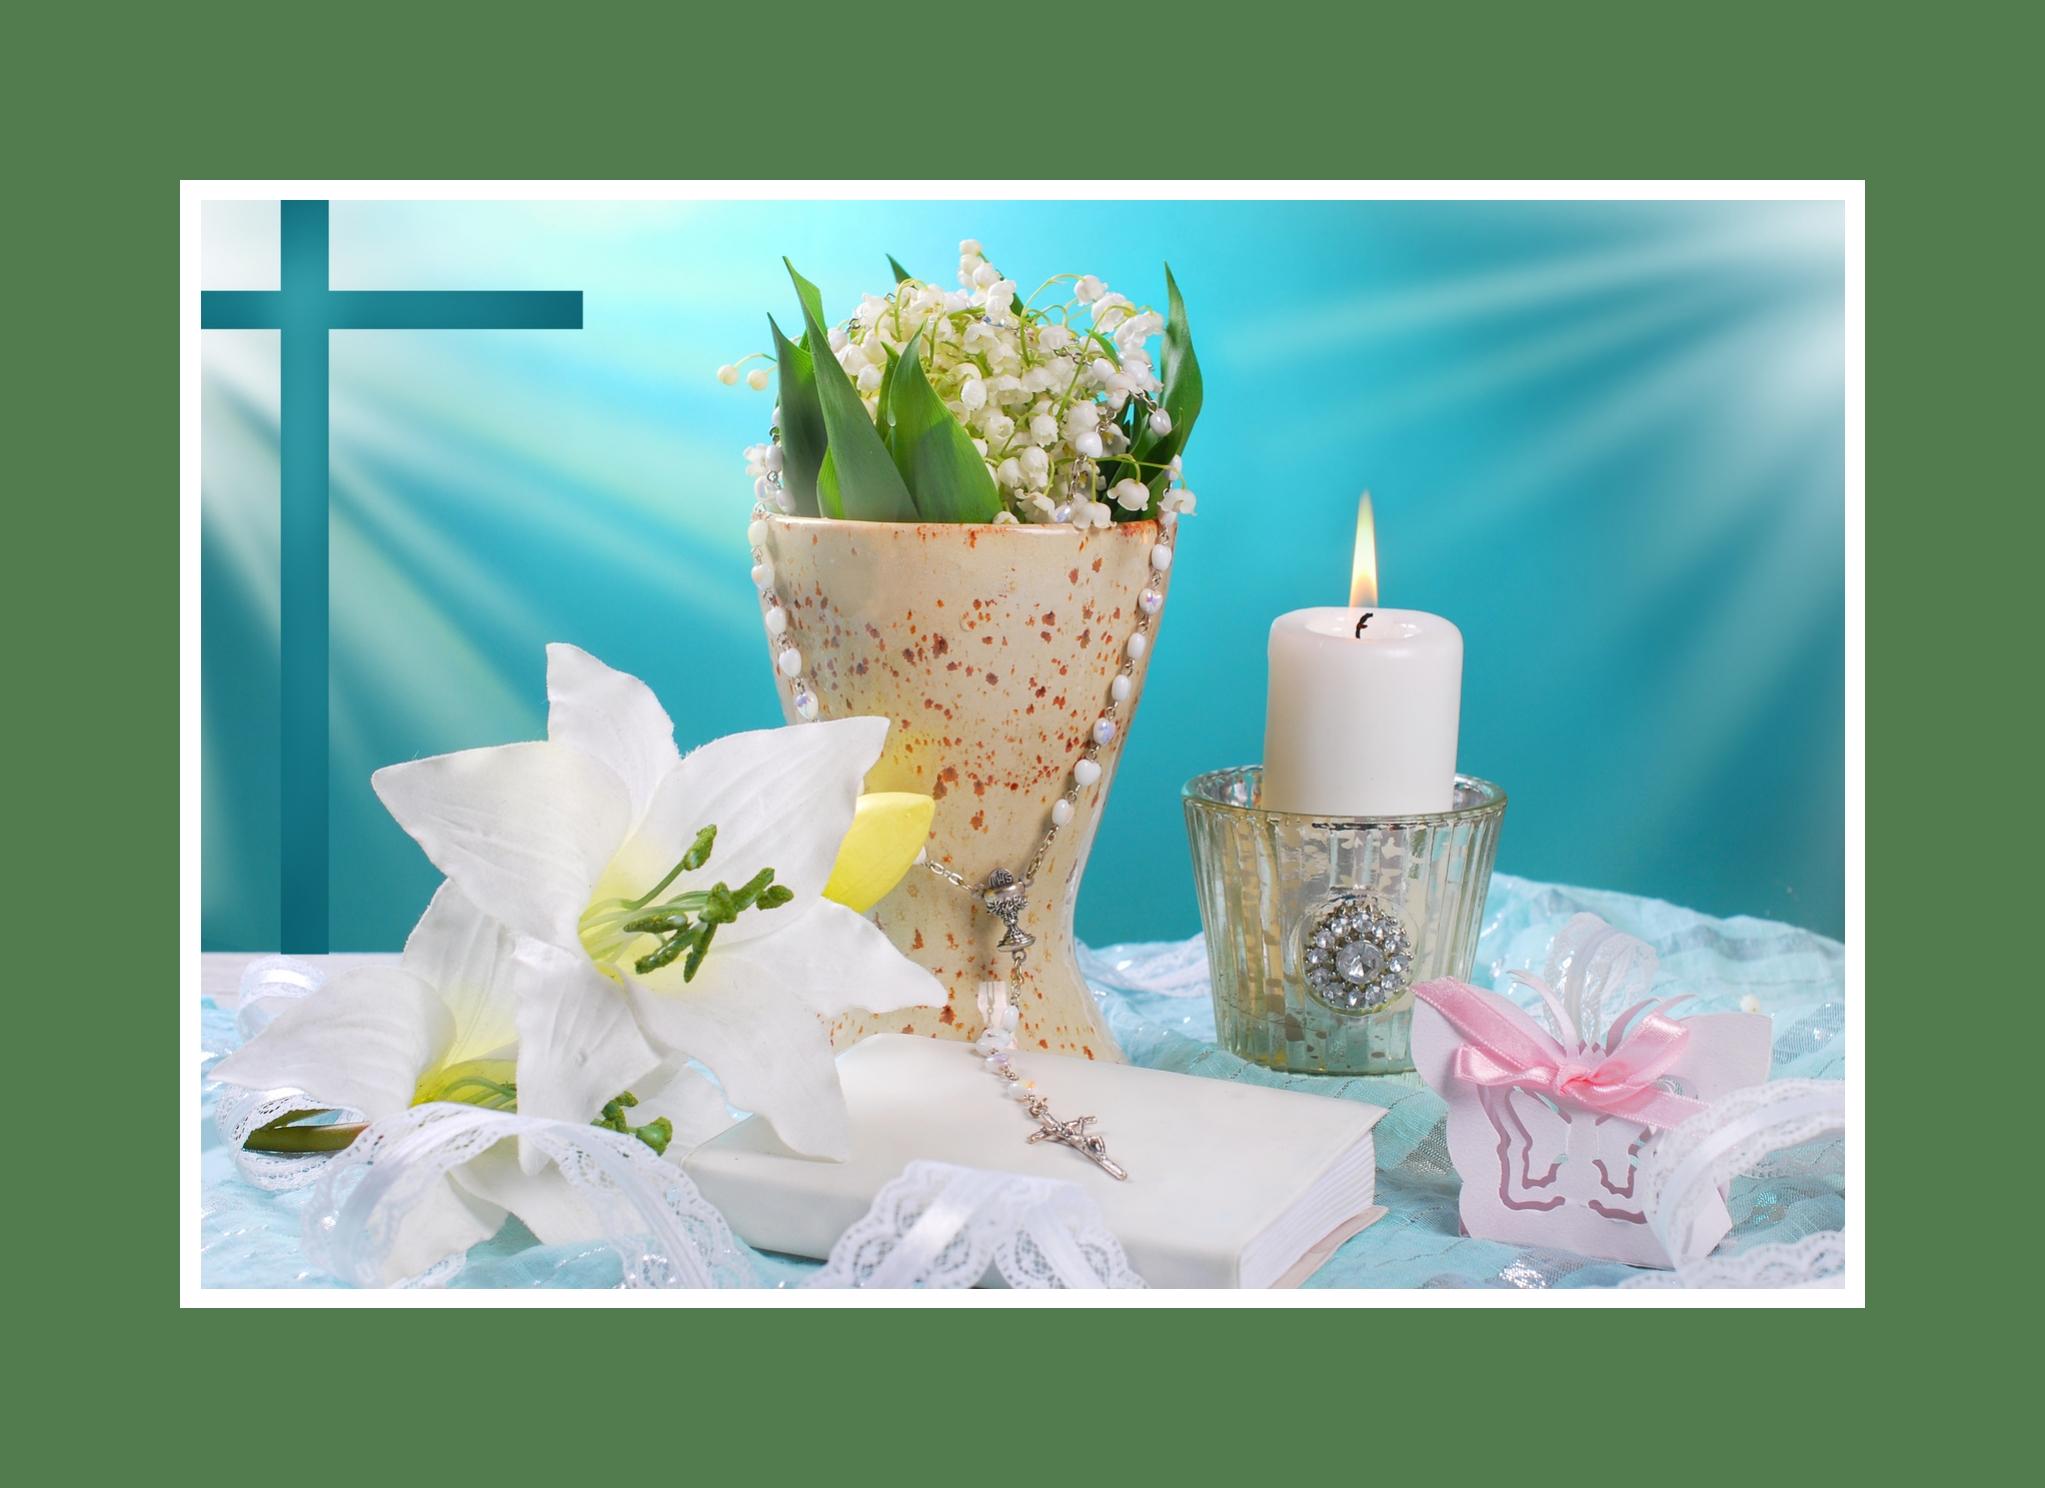 Kerzenlicht mit Blumendeko - feierlich und sinnlich